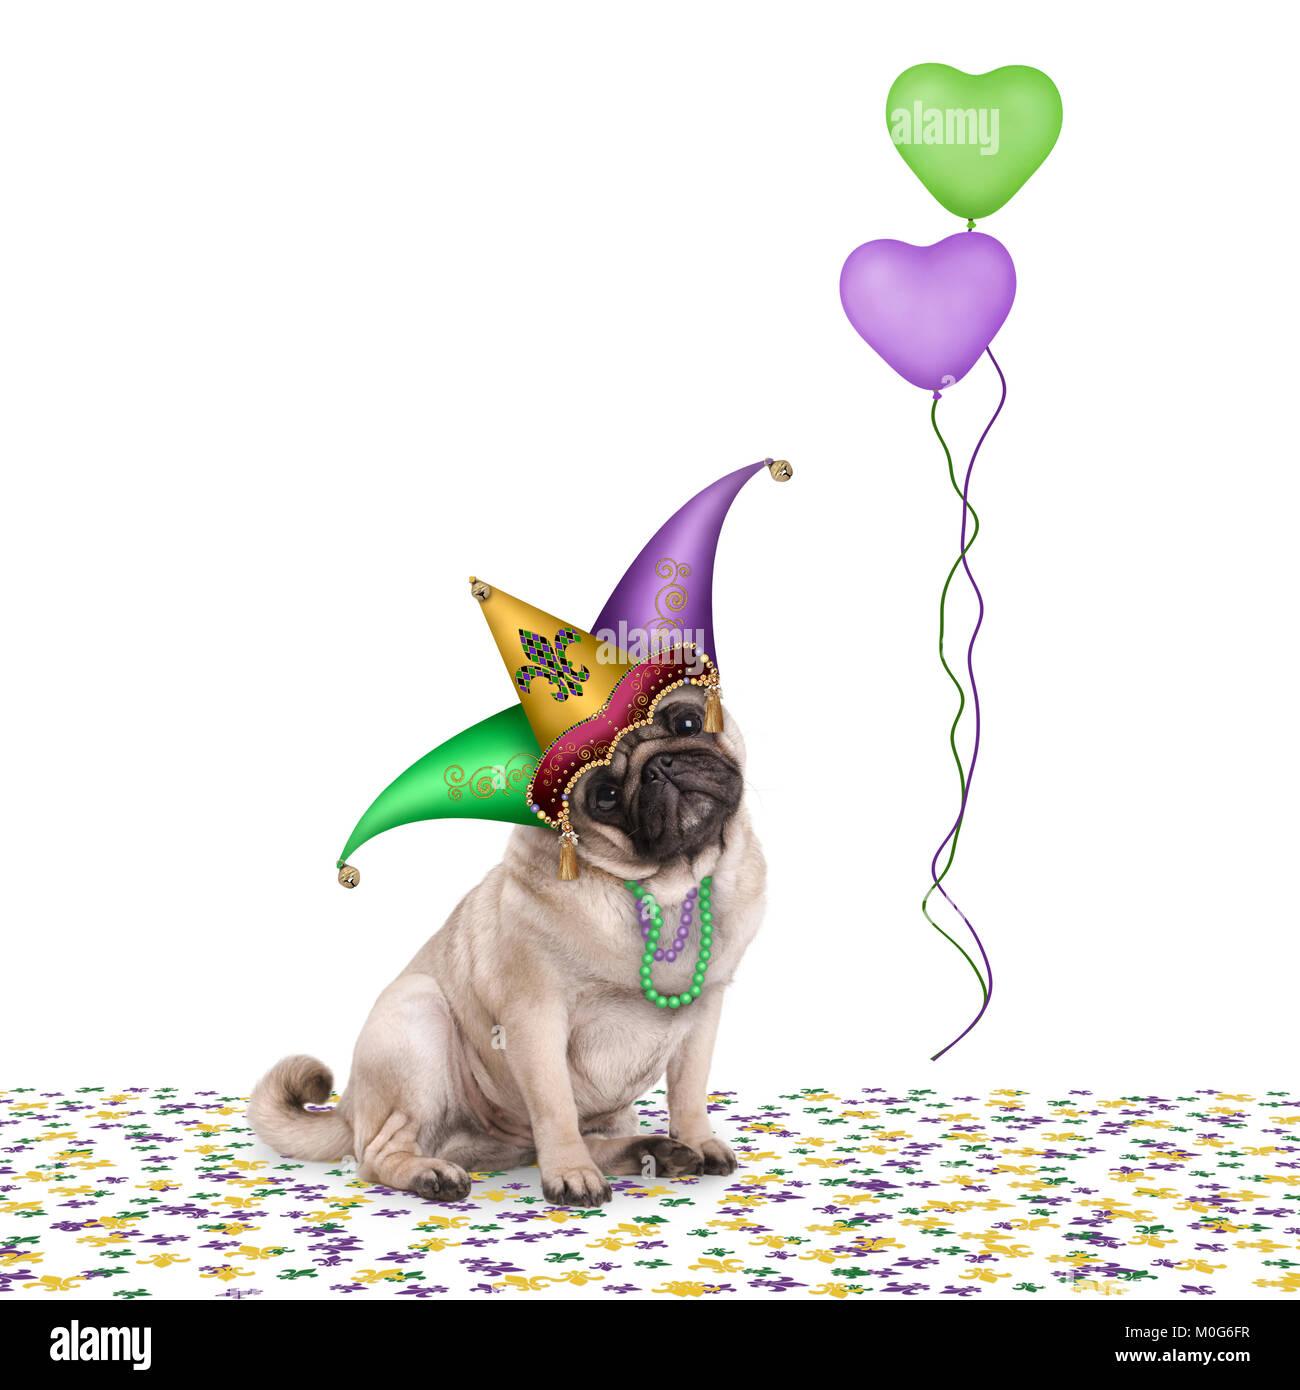 Carino il Mardi Gras carnival pug cucciolo di cane seduto su i confetti con  la harlequin 1c6f8f2d7c9a